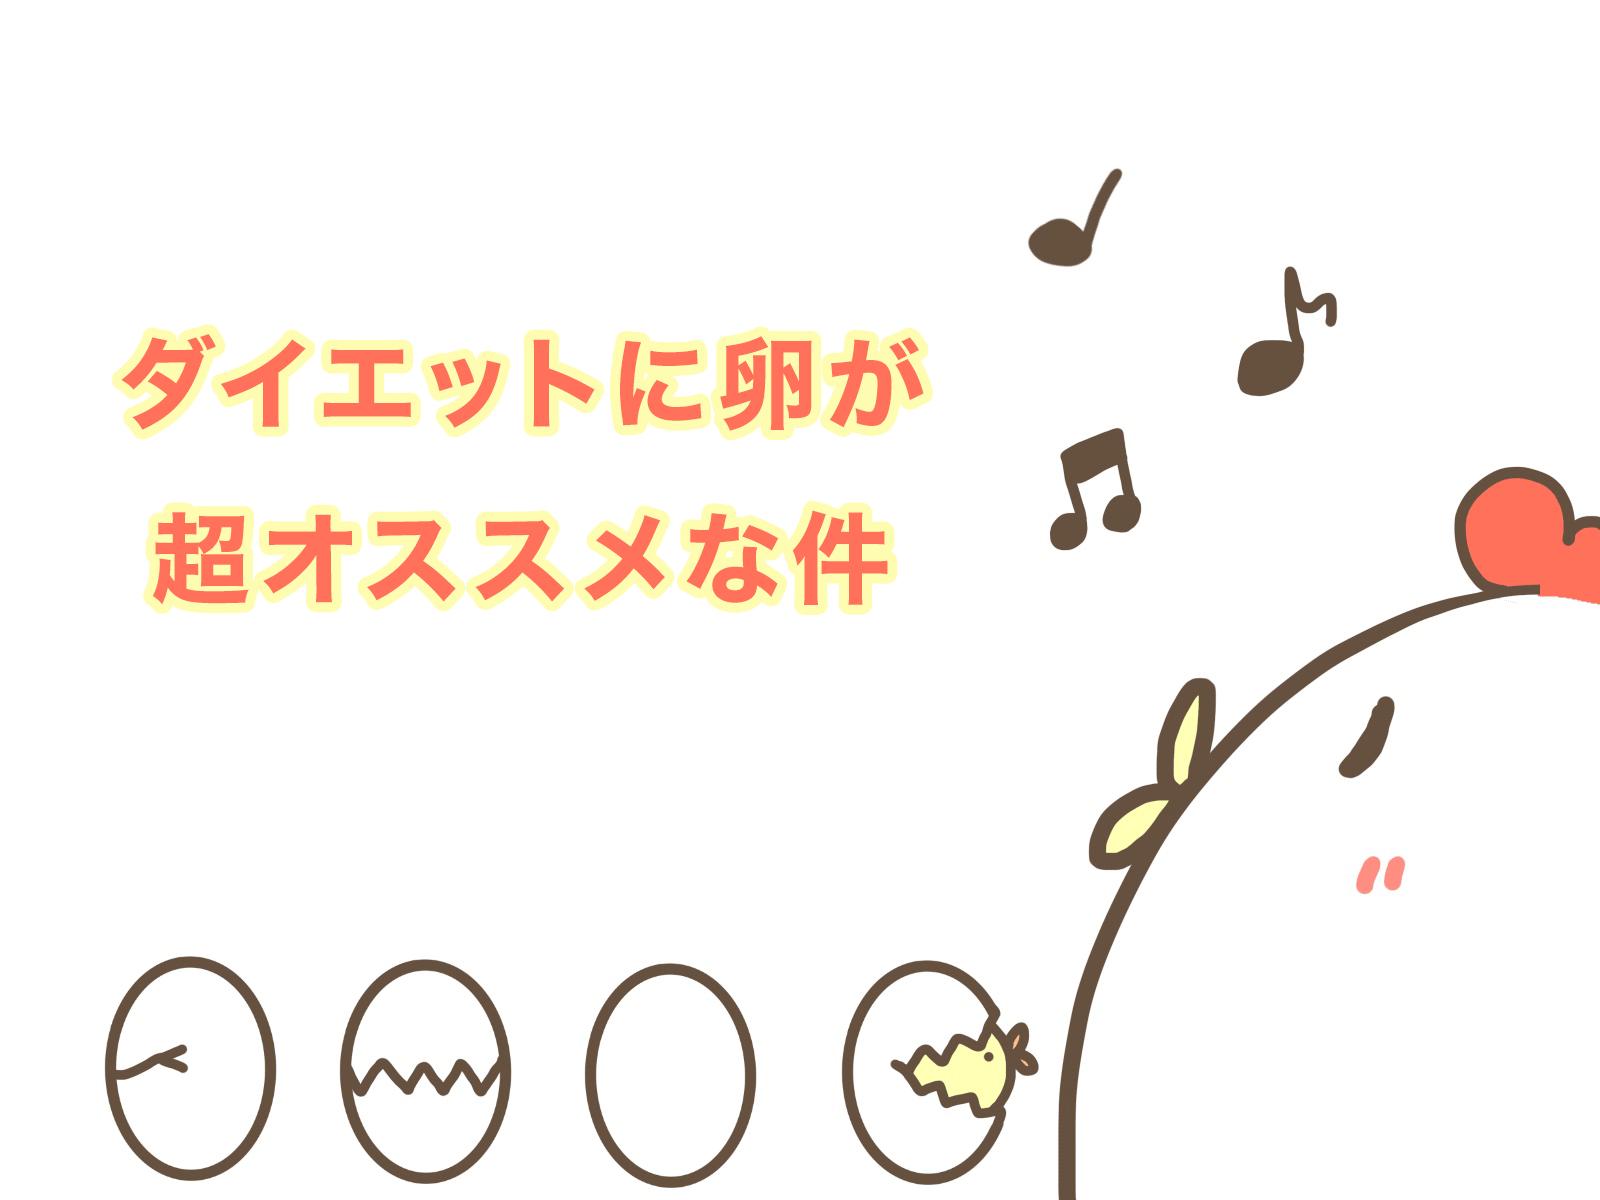 ダイエットには卵がオススメ